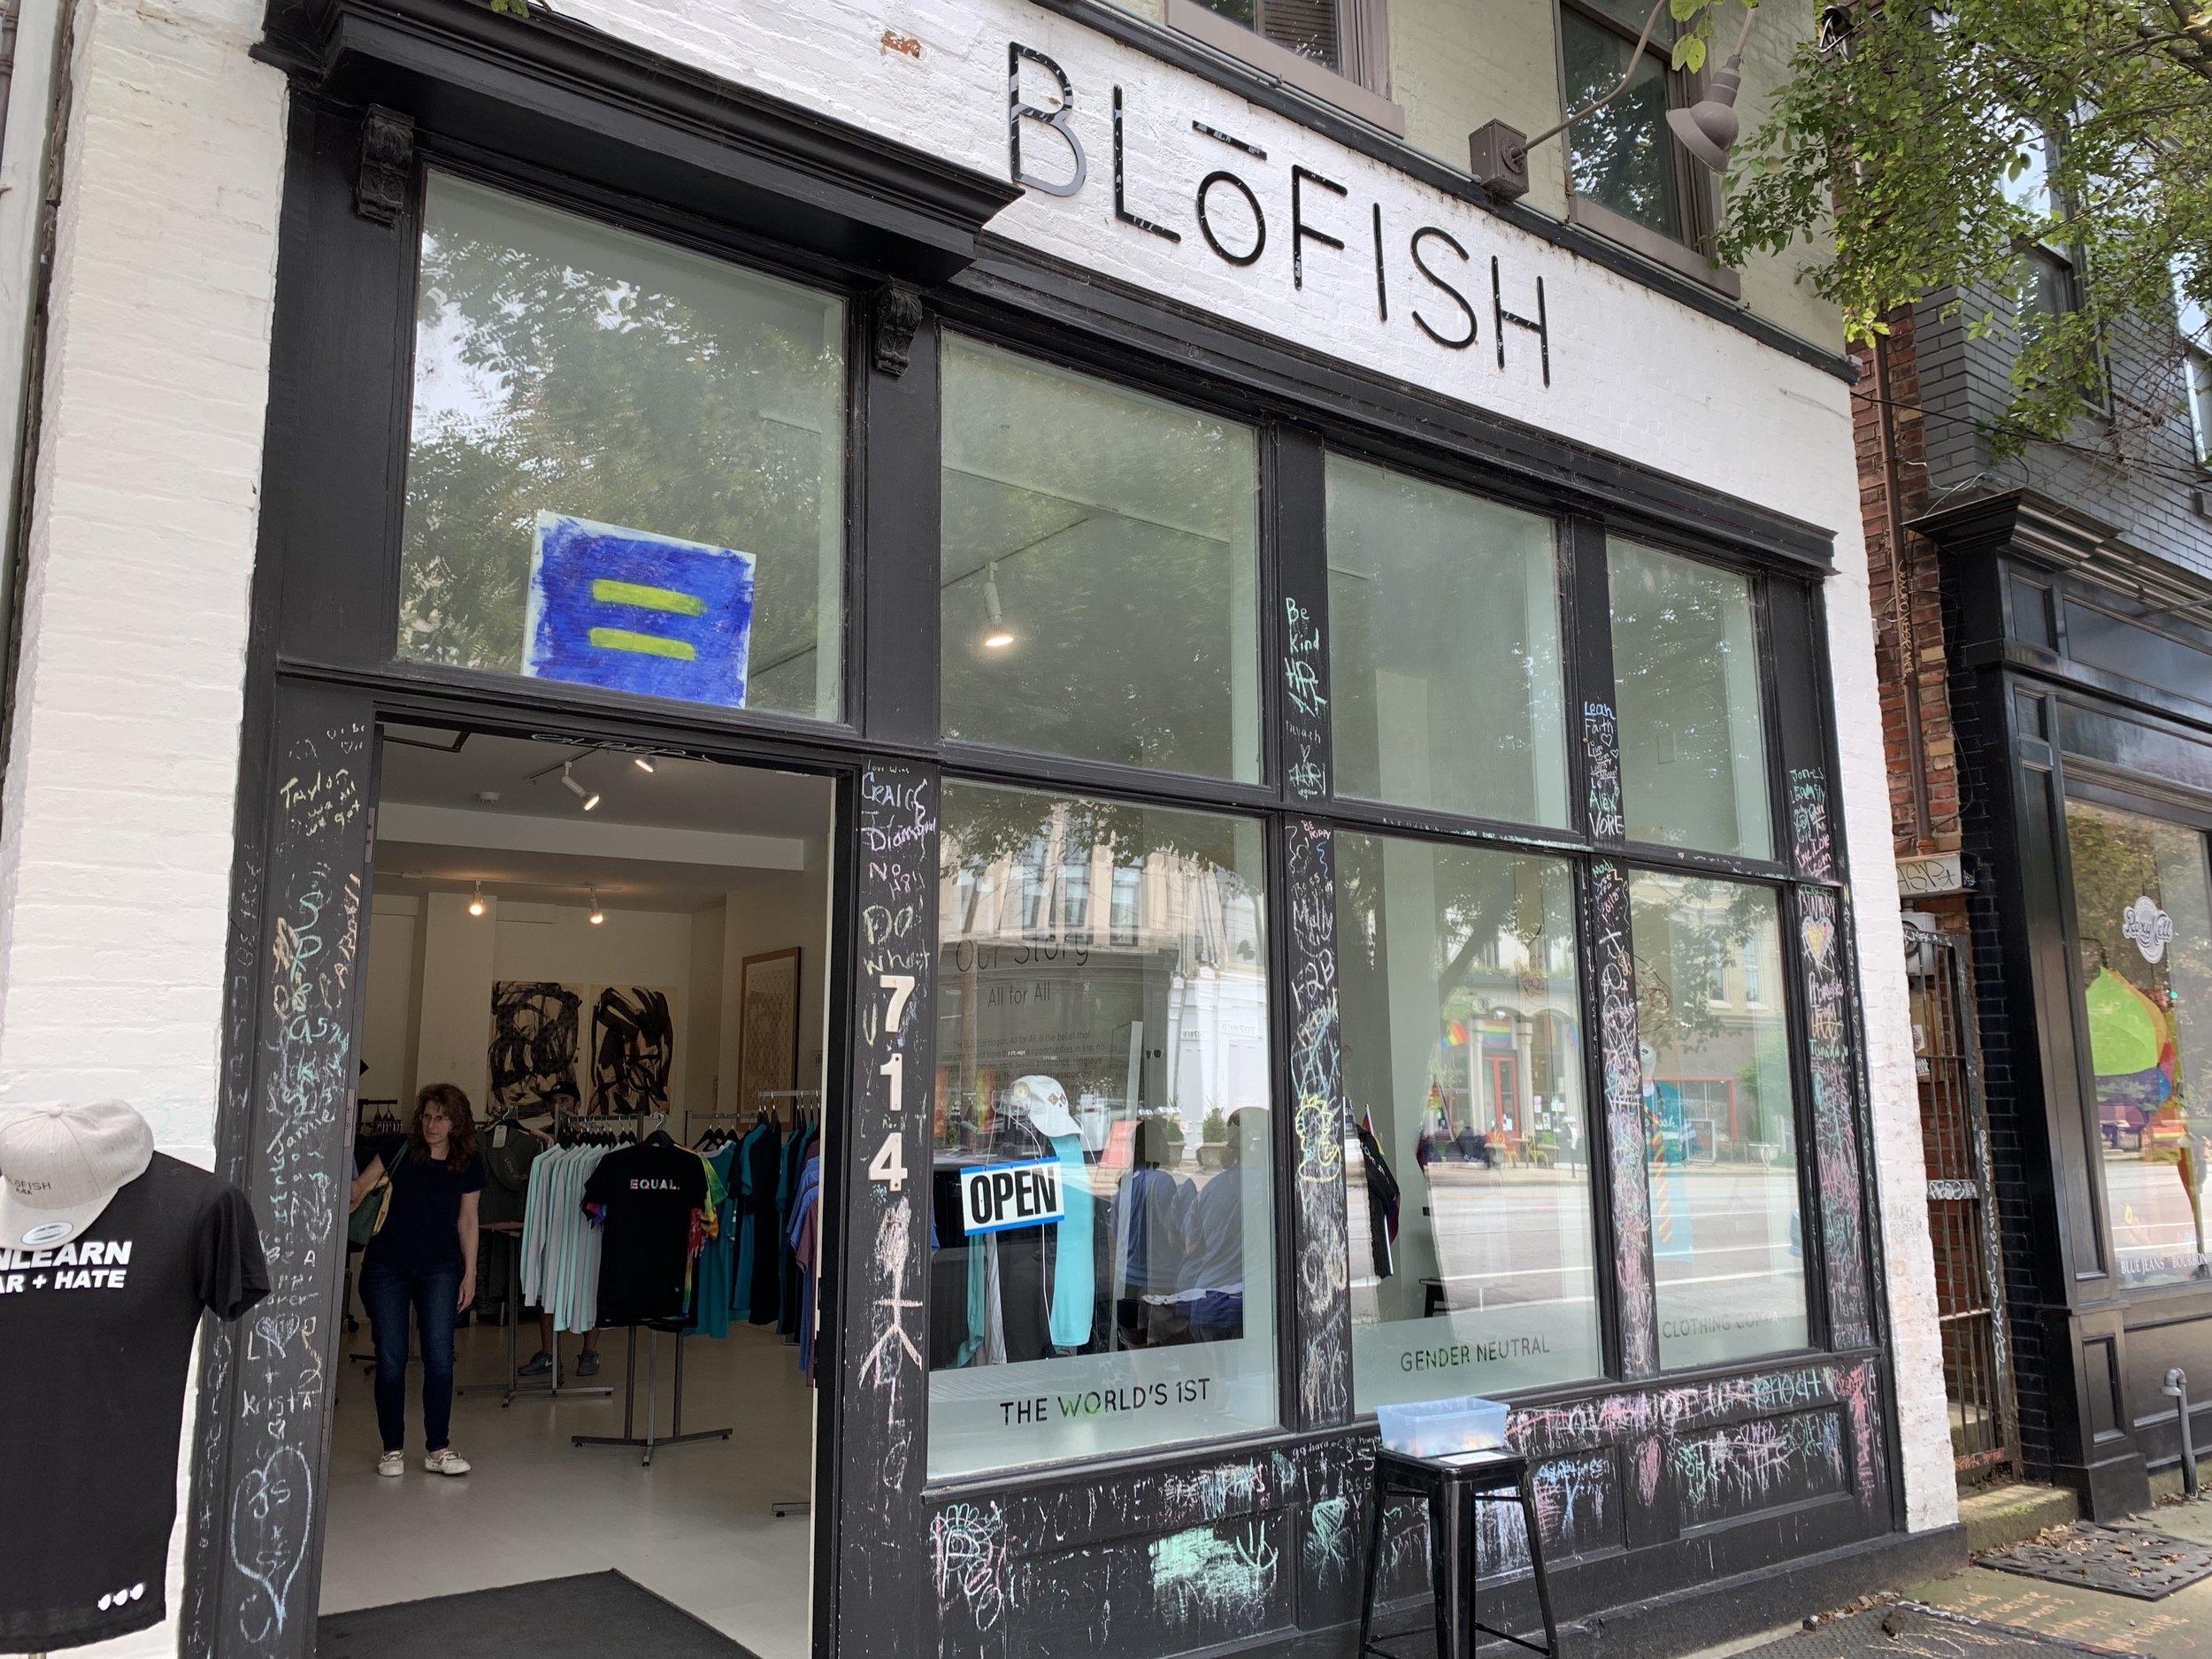 BloFish.jpg